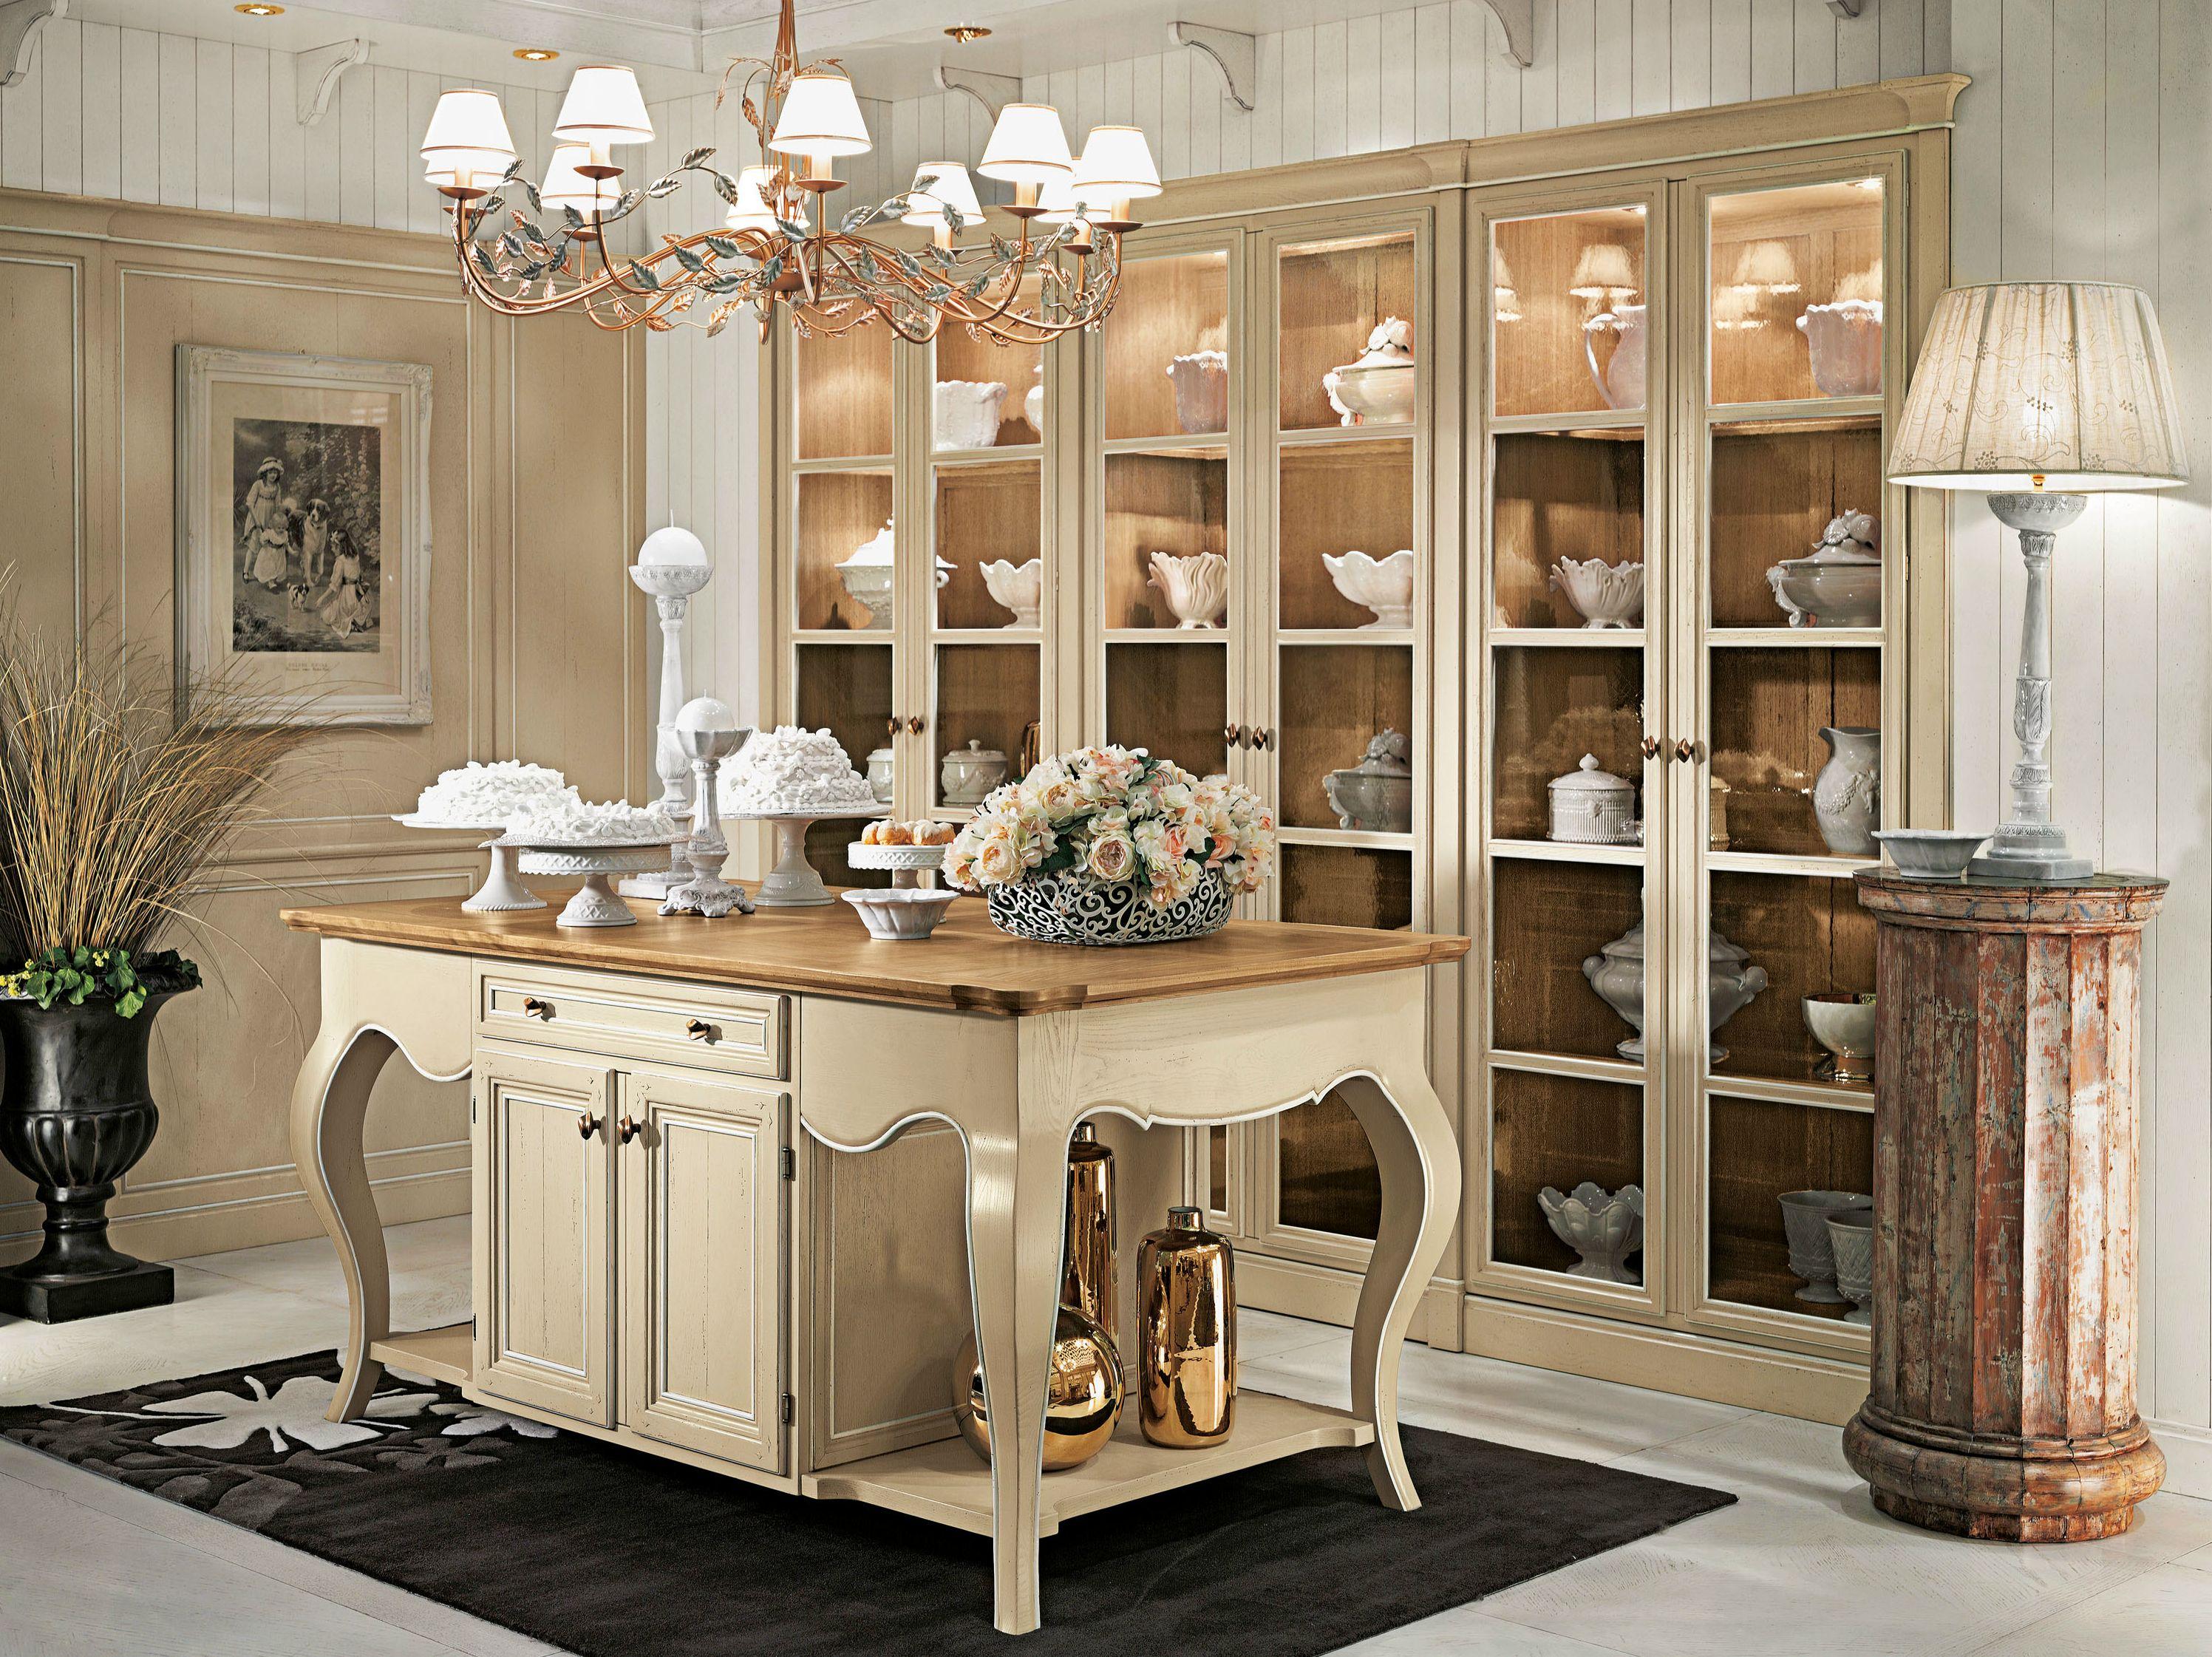 Vetrina in legno calendario monterey by l 39 ottocento - L ottocento mobili ...